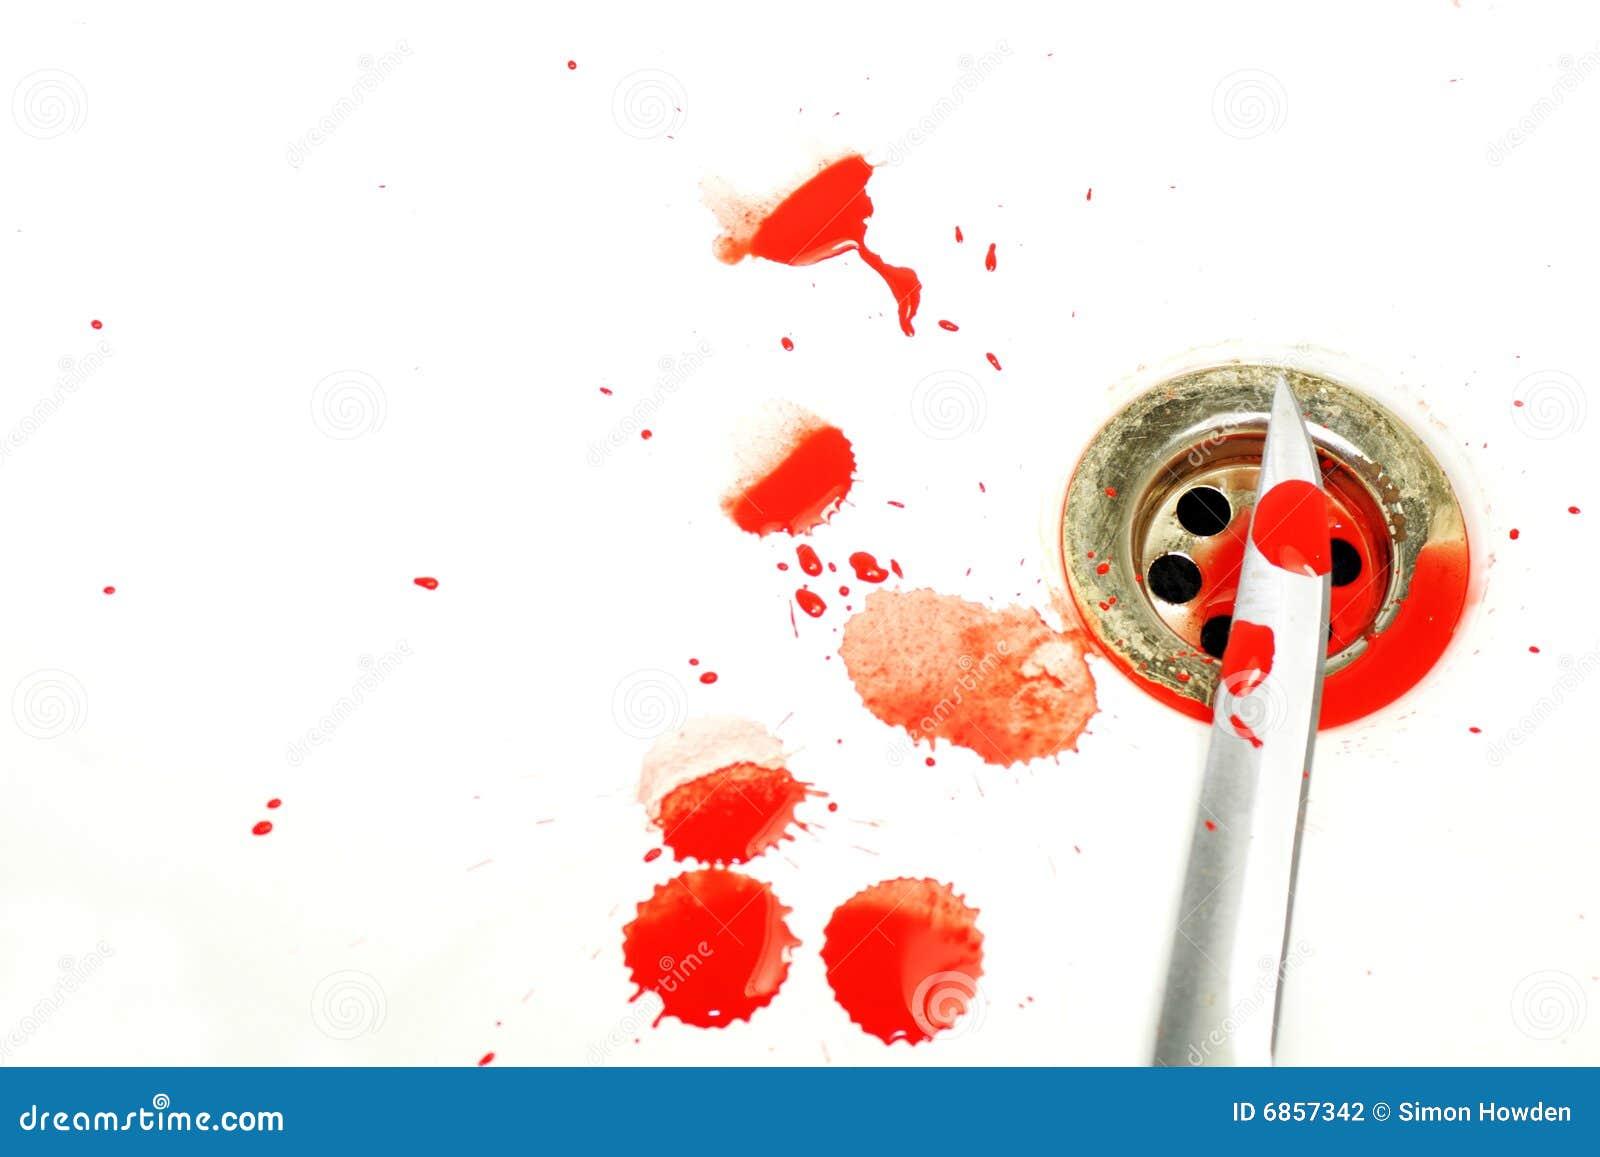 кровопролитное место